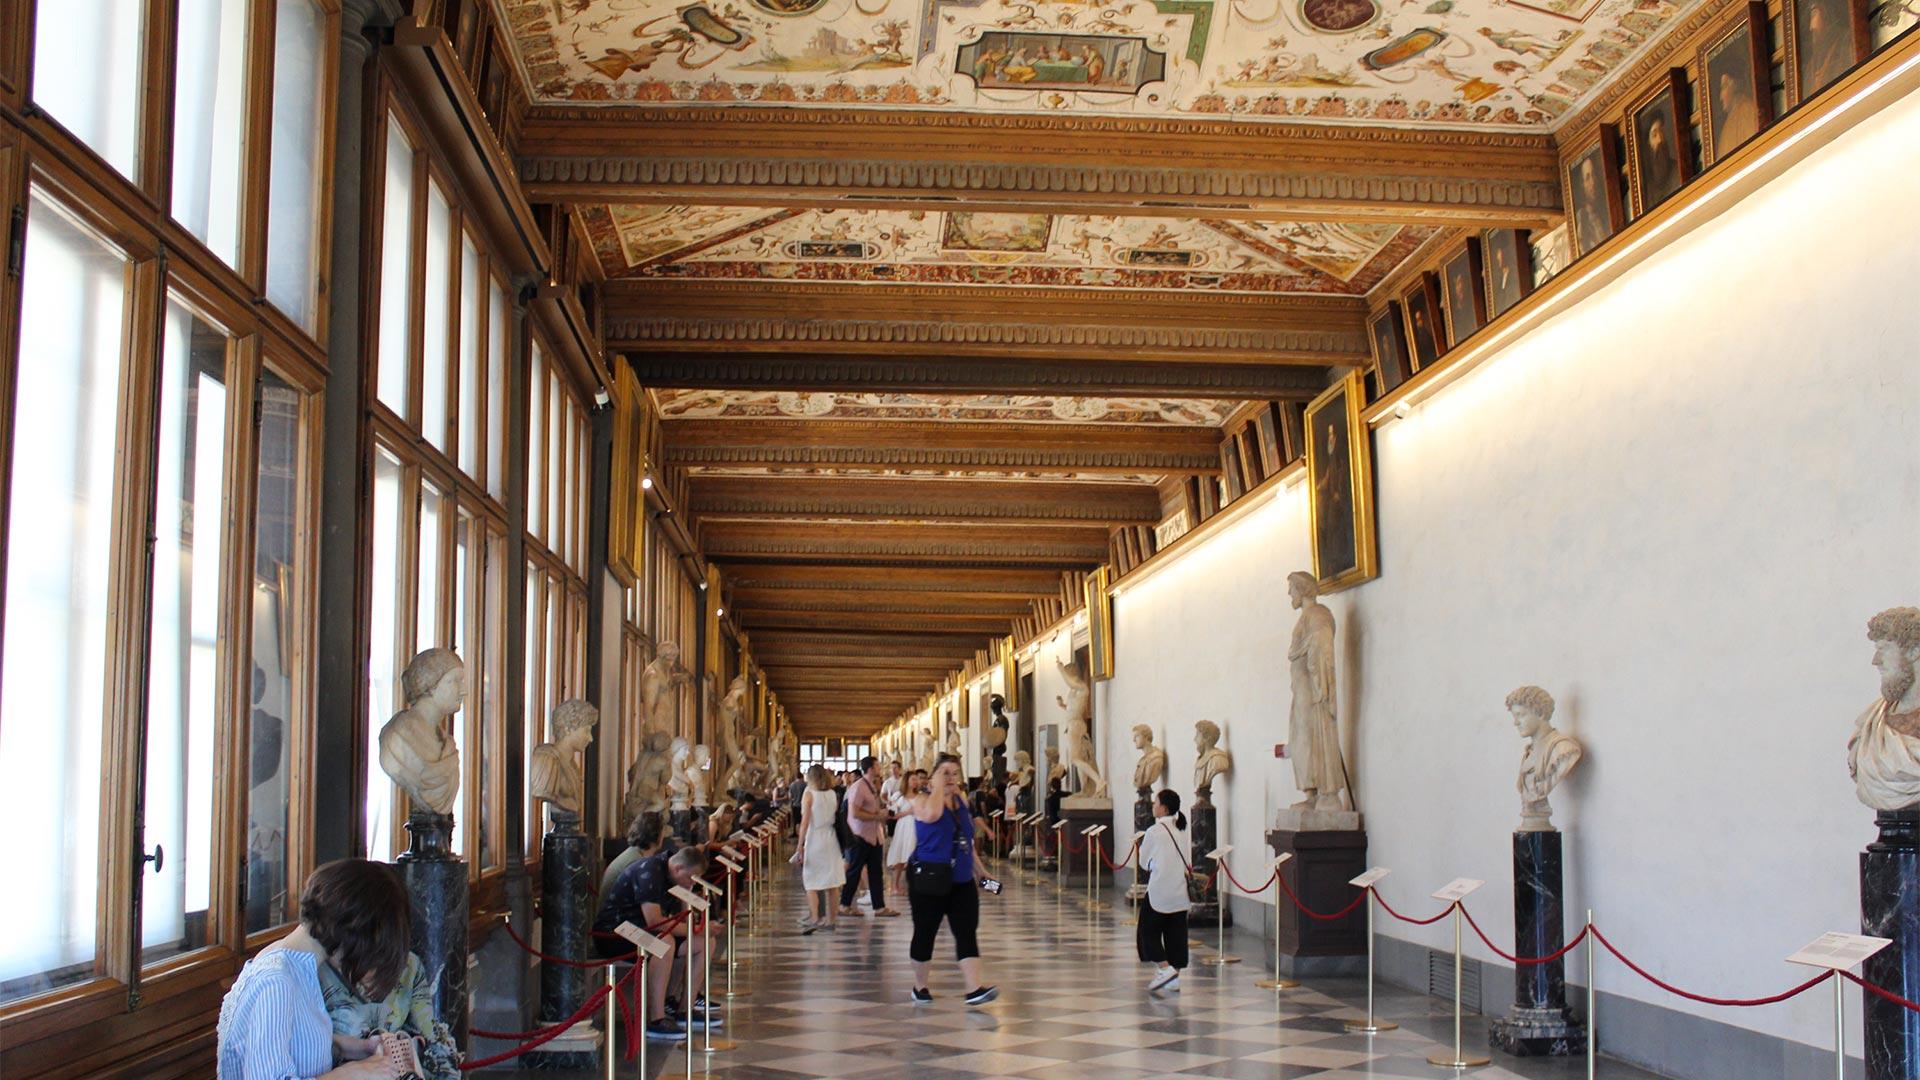 The Uffizi Museum